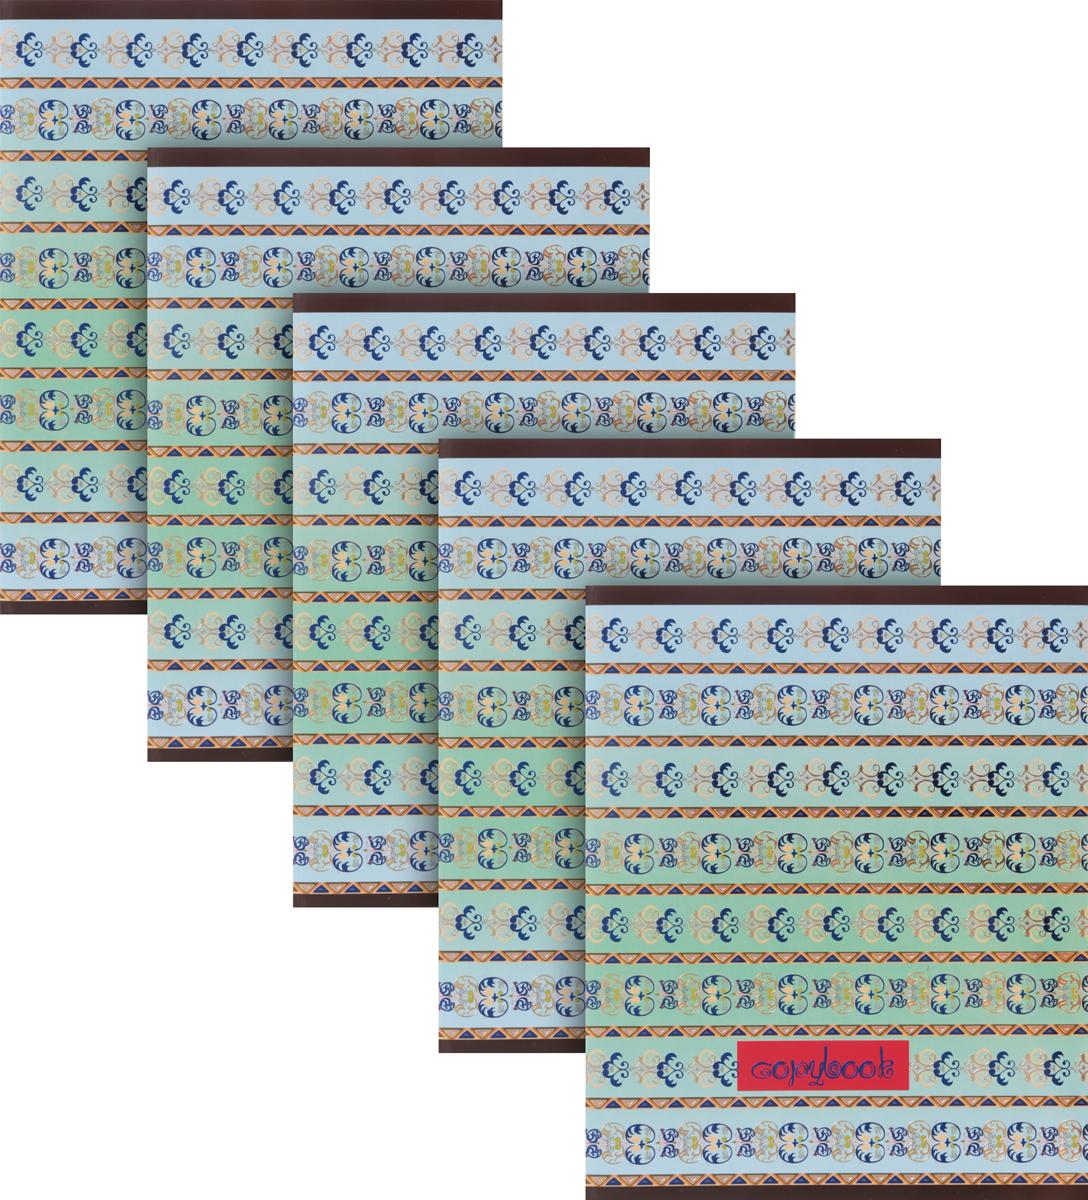 КТС-Про Набор тетрадей Орнамент 48 листов в клетку 5 штС1849-00_голубой, бирюзовыйКомплект общих тетрадей Орнамент состоит из 5 тетрадей формата А5. Внутренний блок выполнен из высококачественной офсетной бумаги и содержит 48 листов в стандартную голубую клетку с красными полями. Обложка выполнена из мелованного картона. Дизайн обложек выполнен красочным двойным тиснением фольгой, а также выборочной лакировкой.